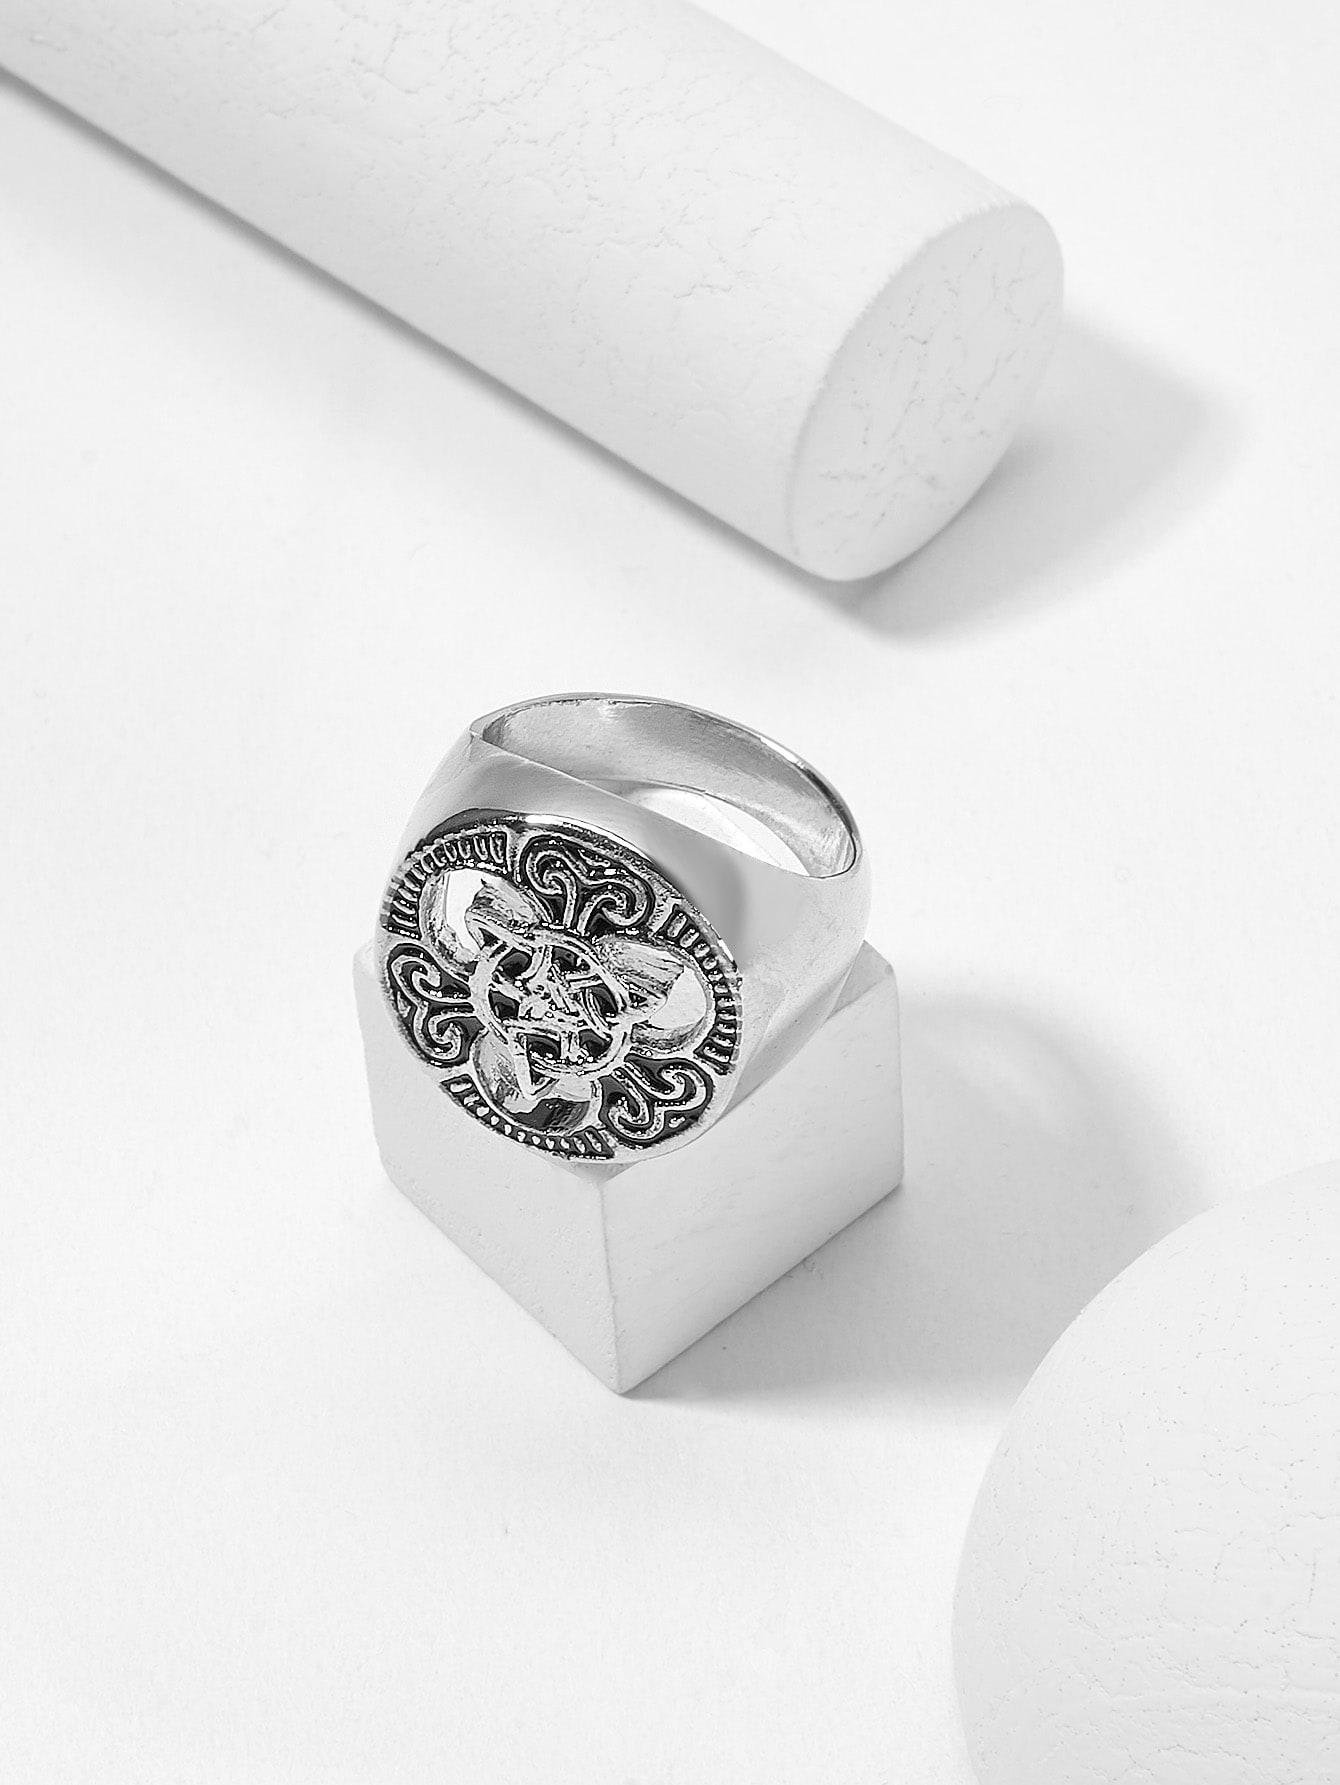 Мужское скульптурное круглое широкое кольцо